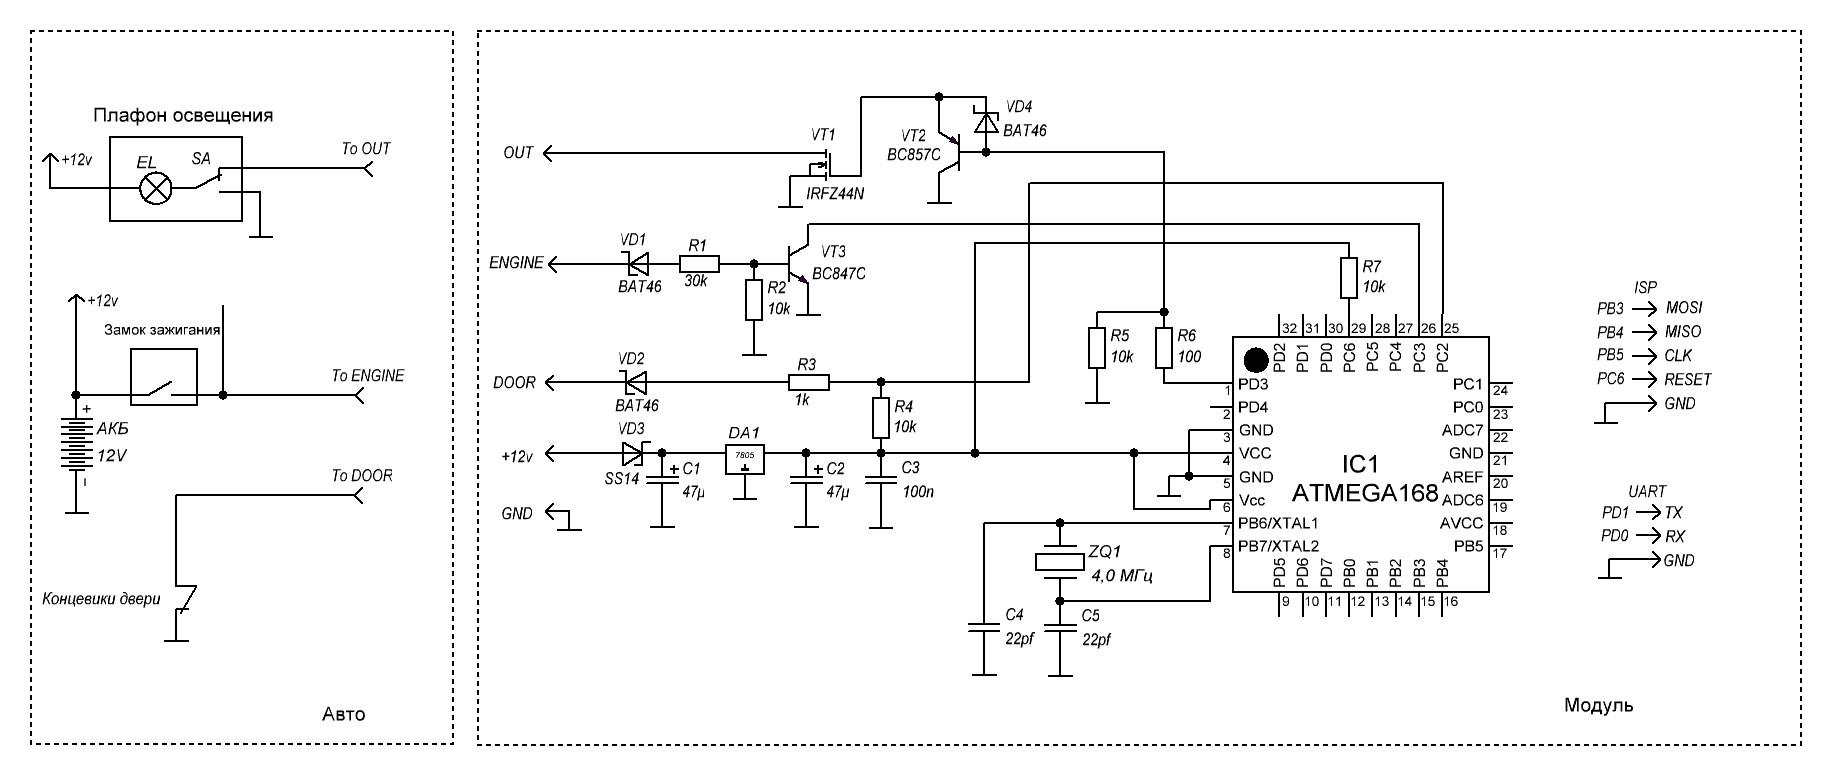 схема плавного выключения лампочки на ne555